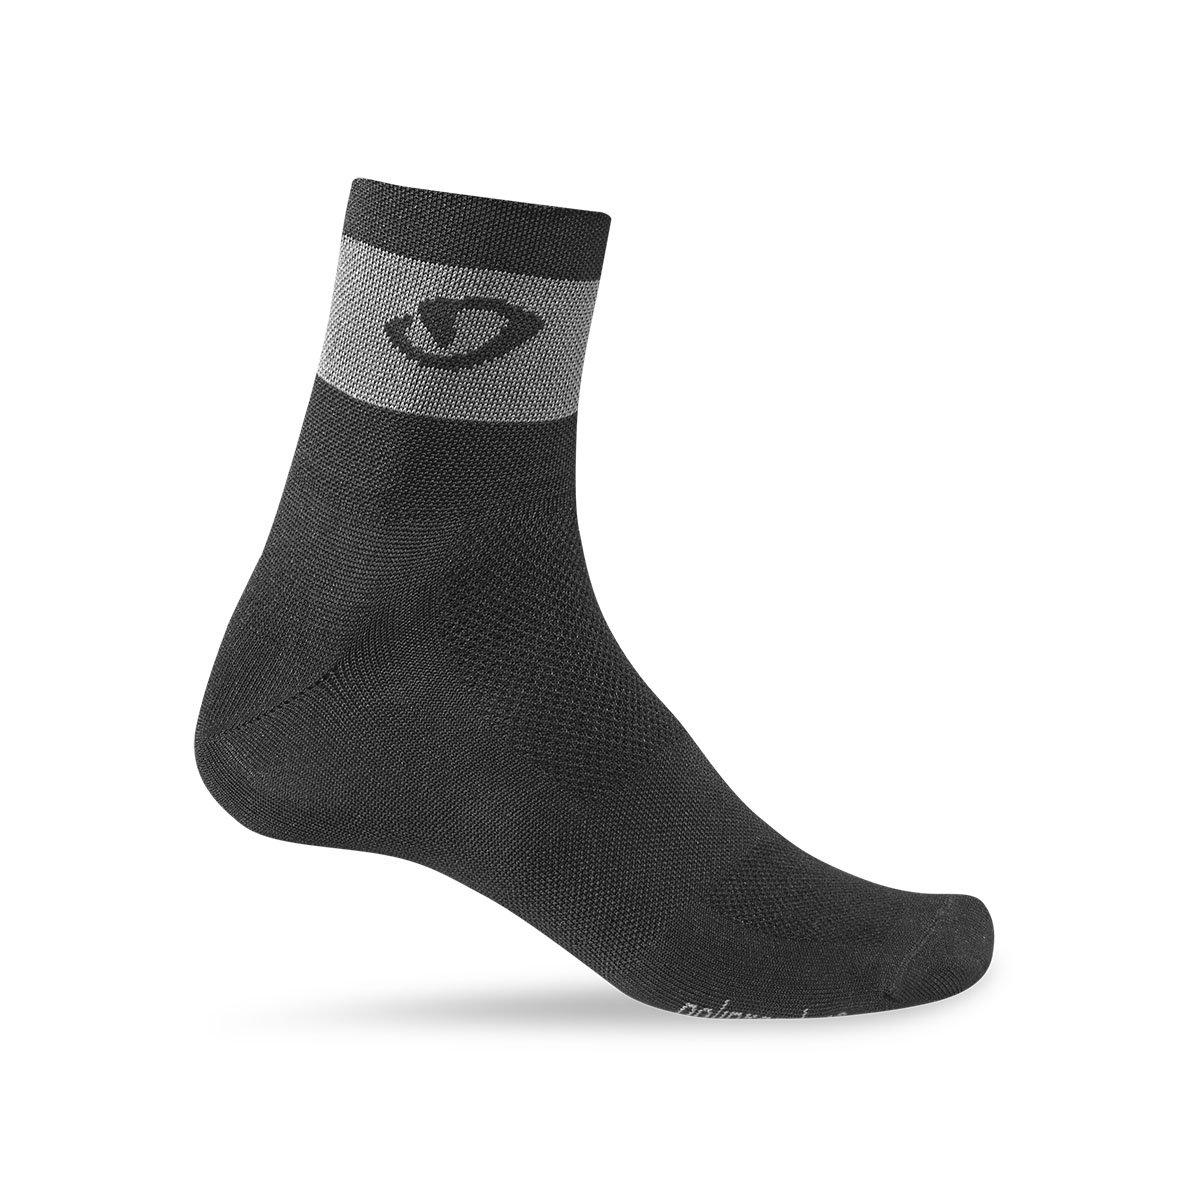 Giro Comp Racer Socks 3-Pack